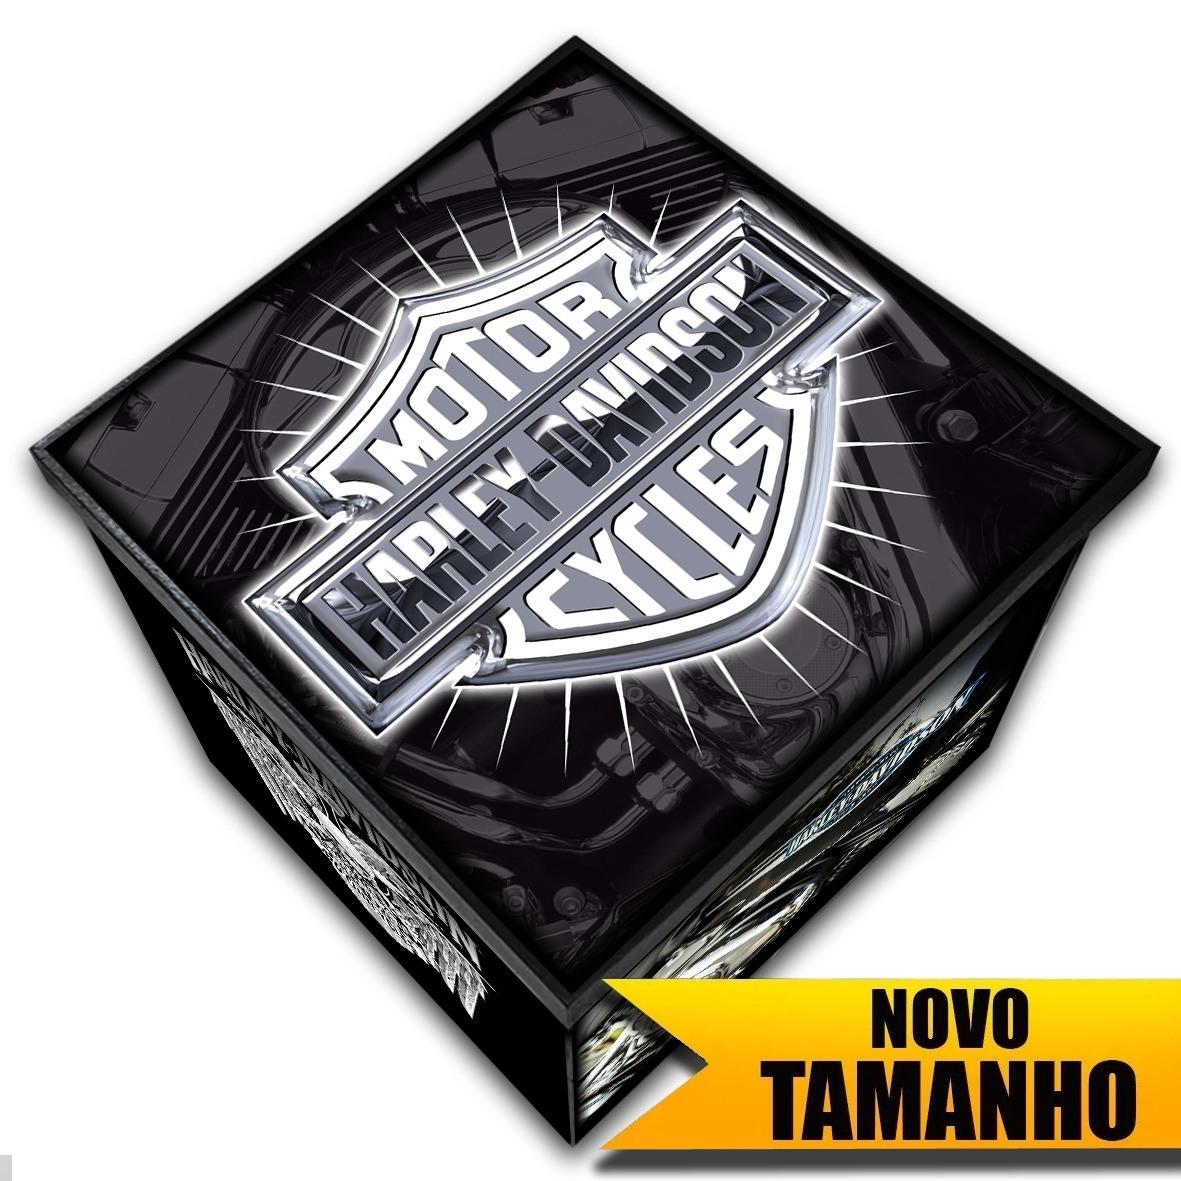 Harley Davidson - Caixa Organizadora em Madeira MDF - Tamanho Grande - Mr. Rock